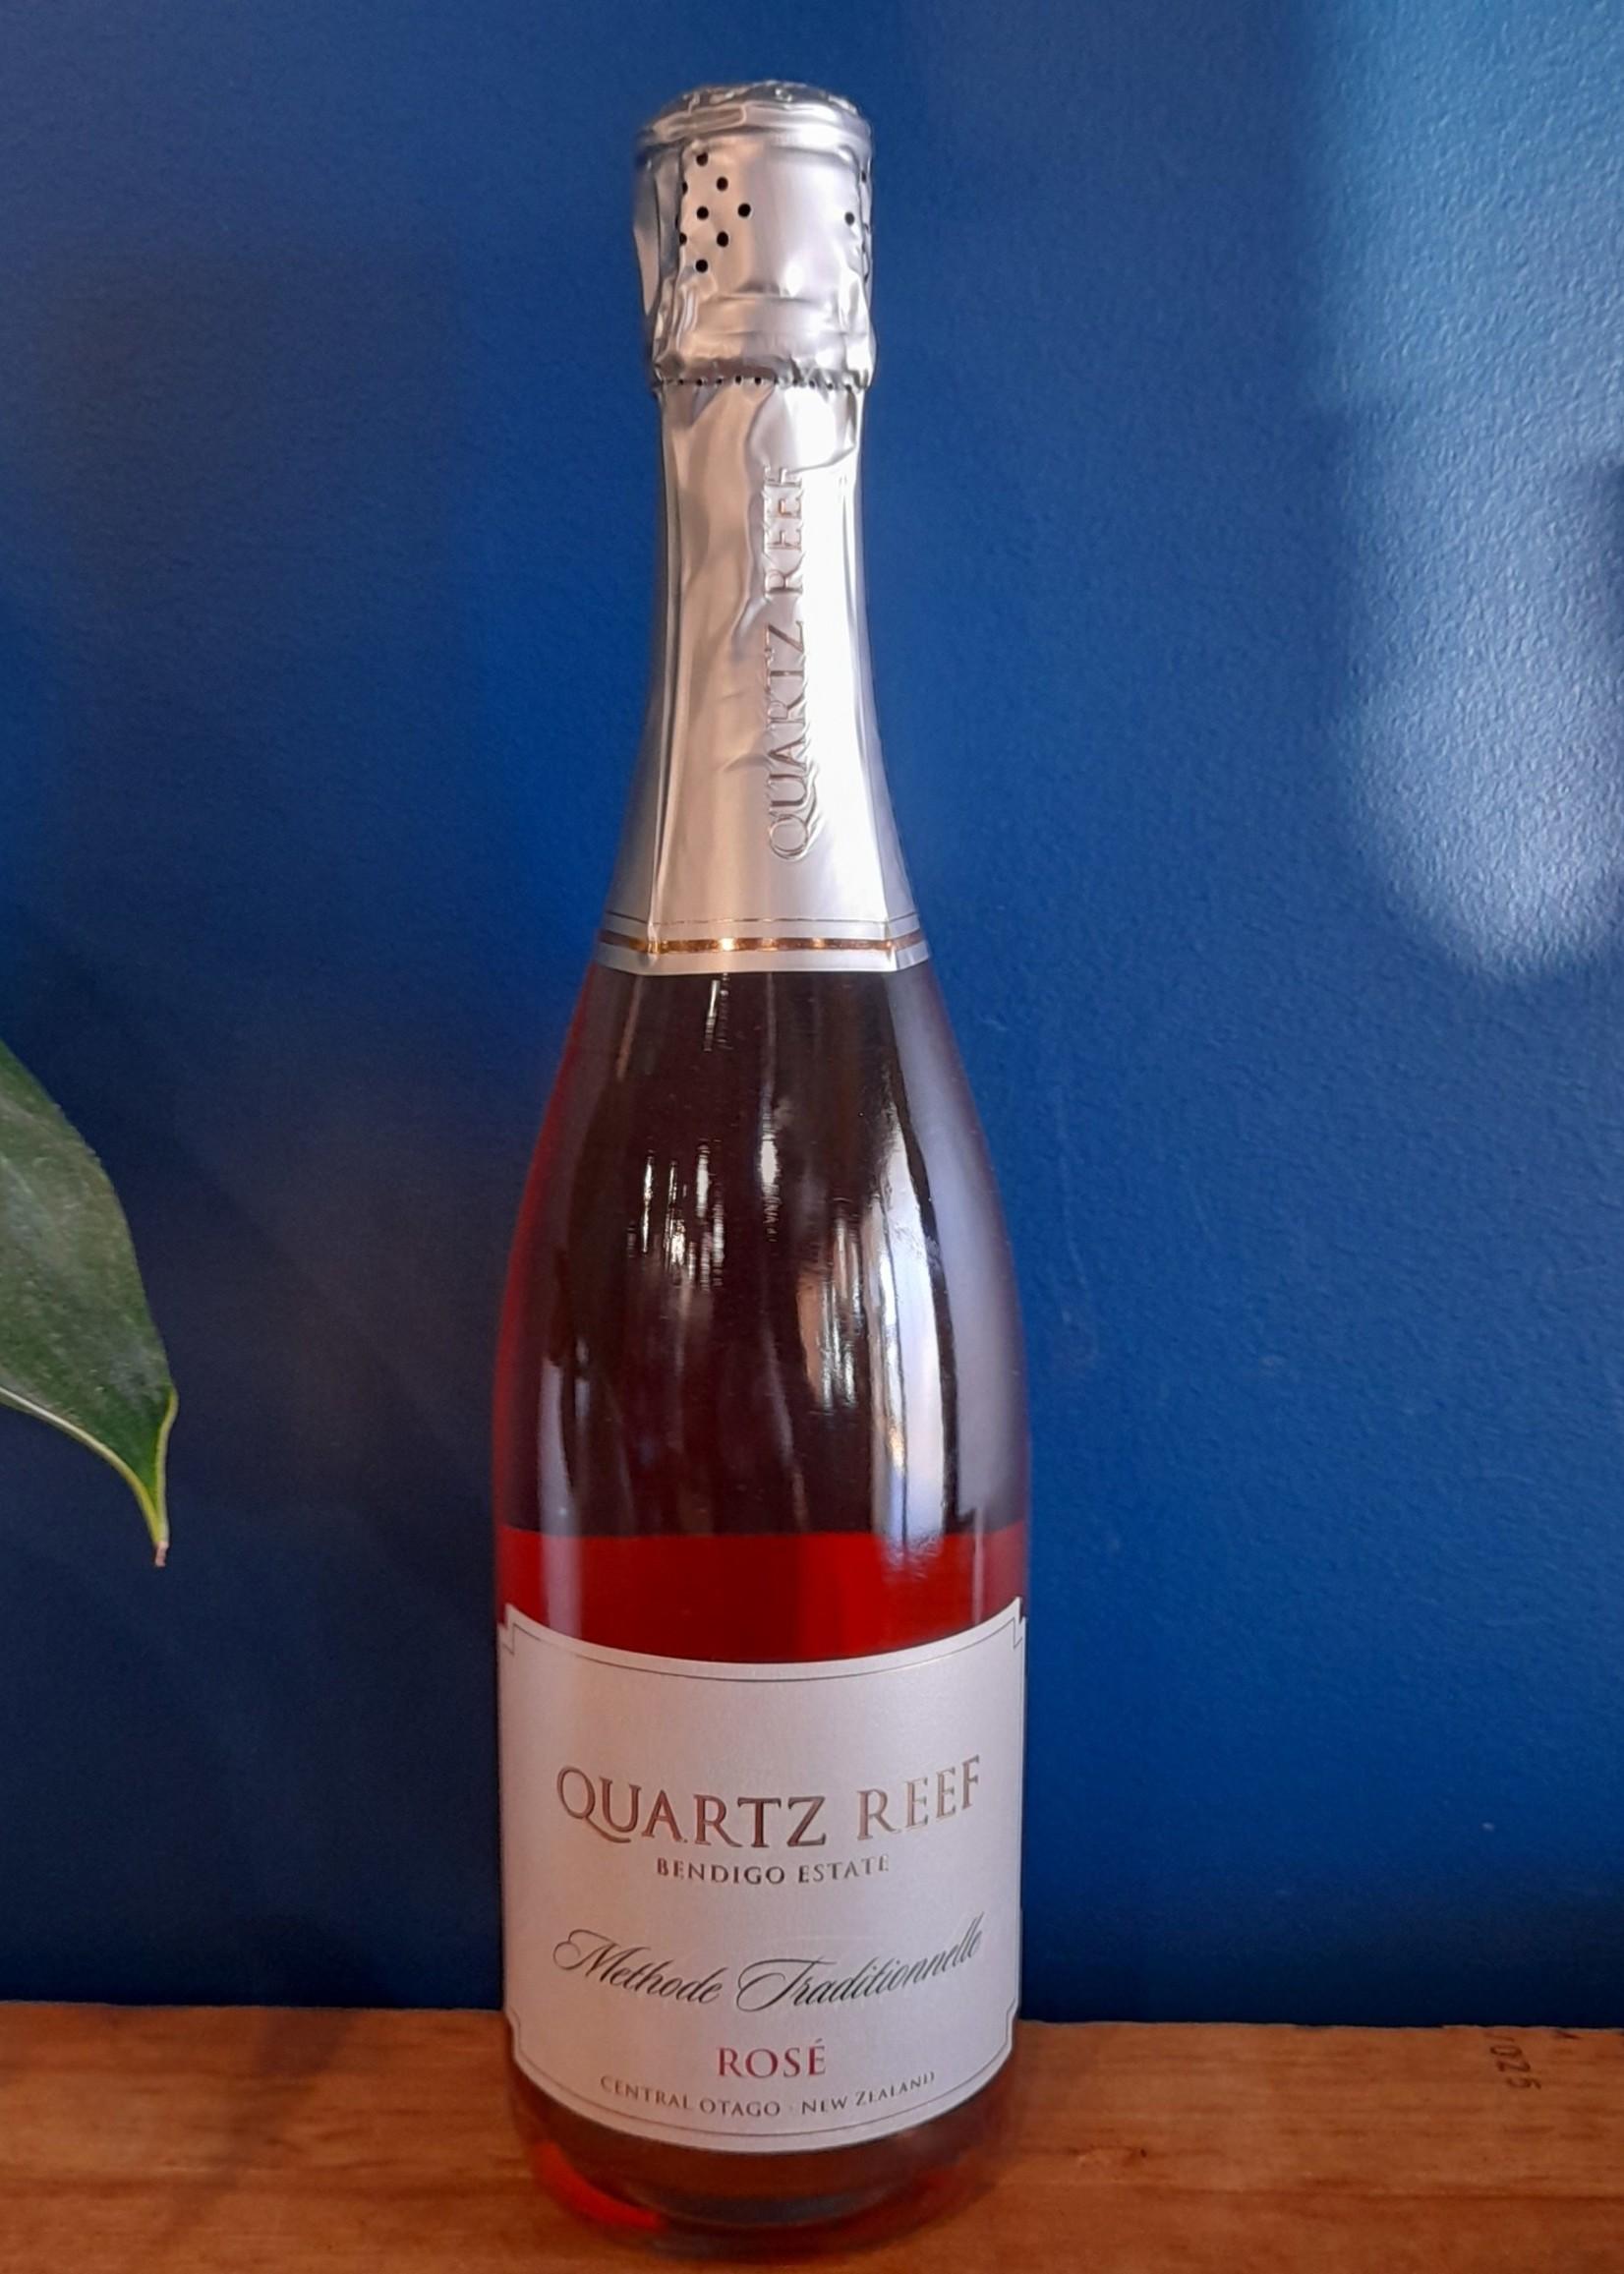 Quartz Reef Sparkling Rose